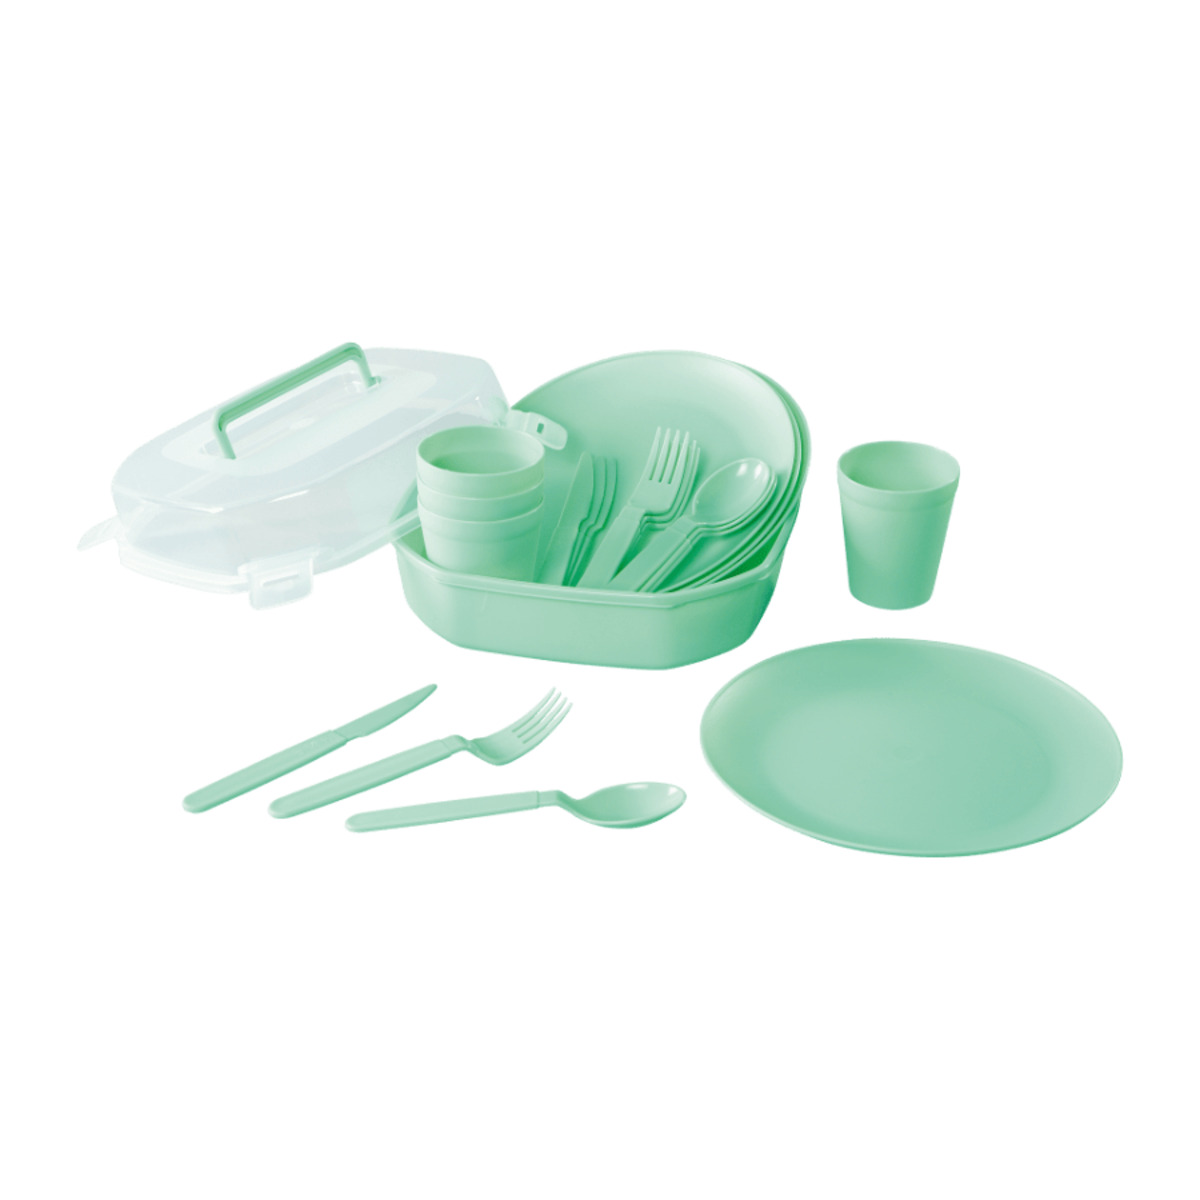 Bild 3 von HOME CREATION     Picknick-Set